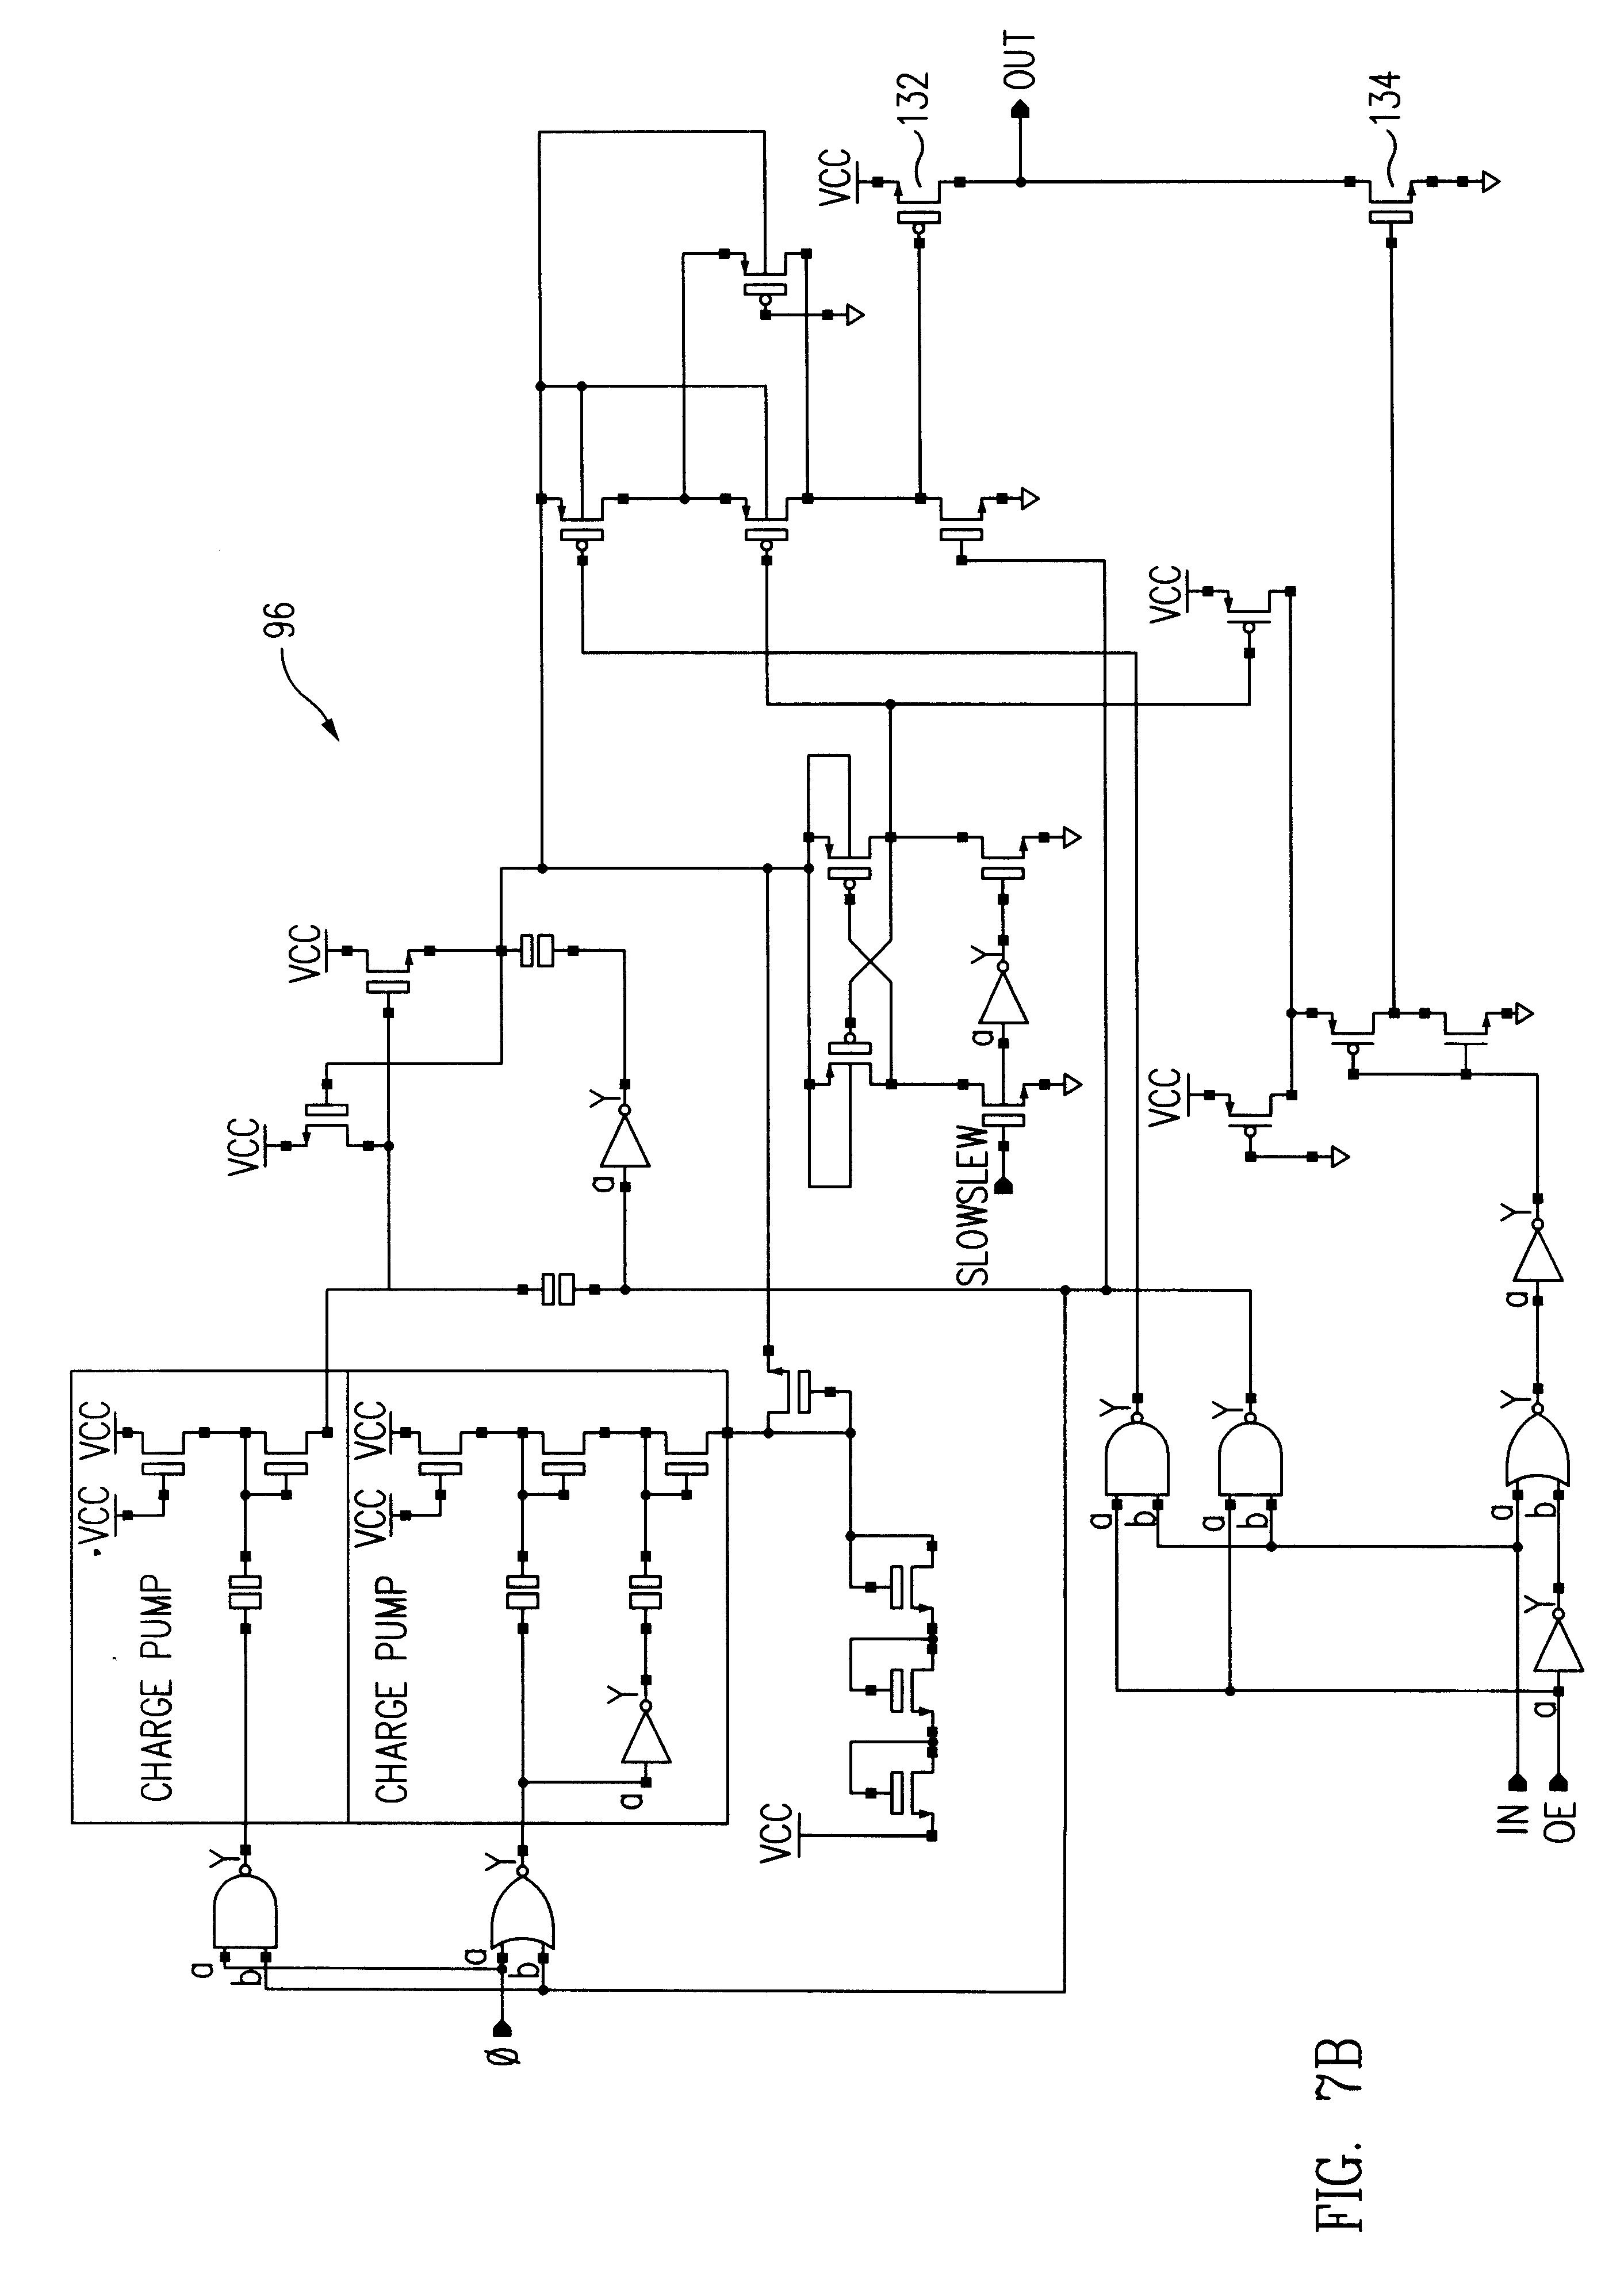 patent us6229336